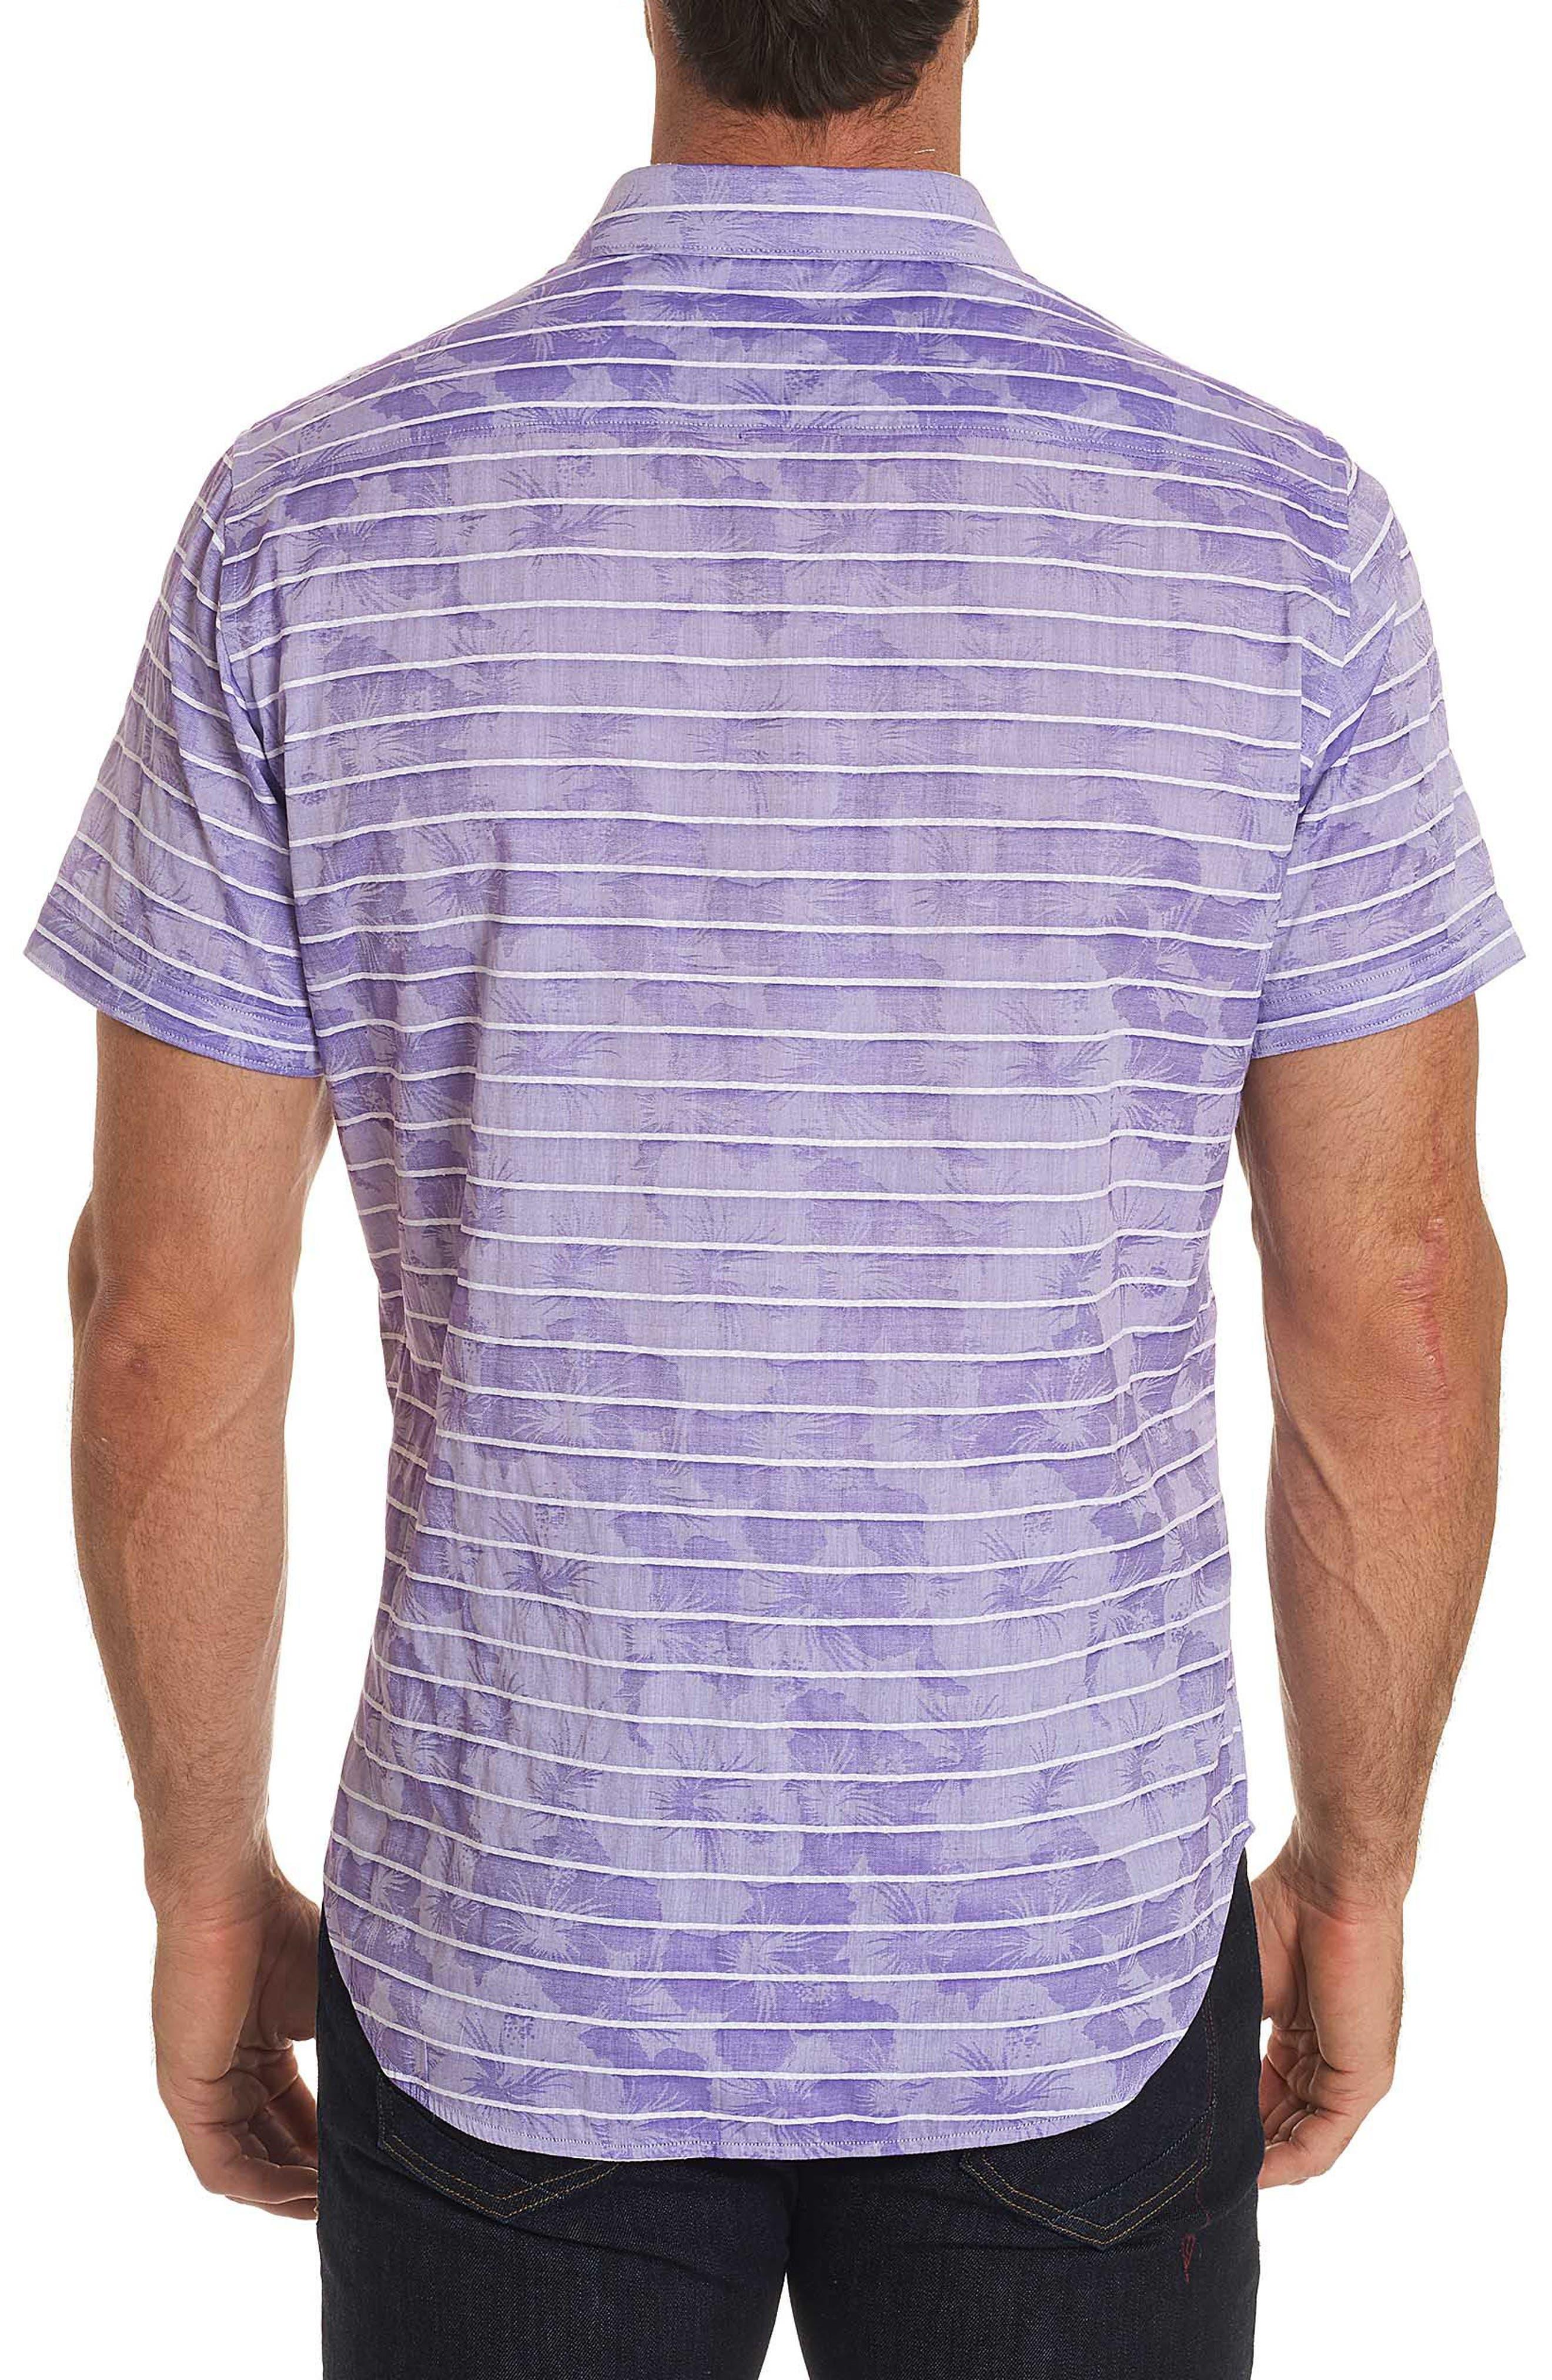 Avenida Classic Fit Jacquard Sport Shirt,                             Alternate thumbnail 2, color,                             510